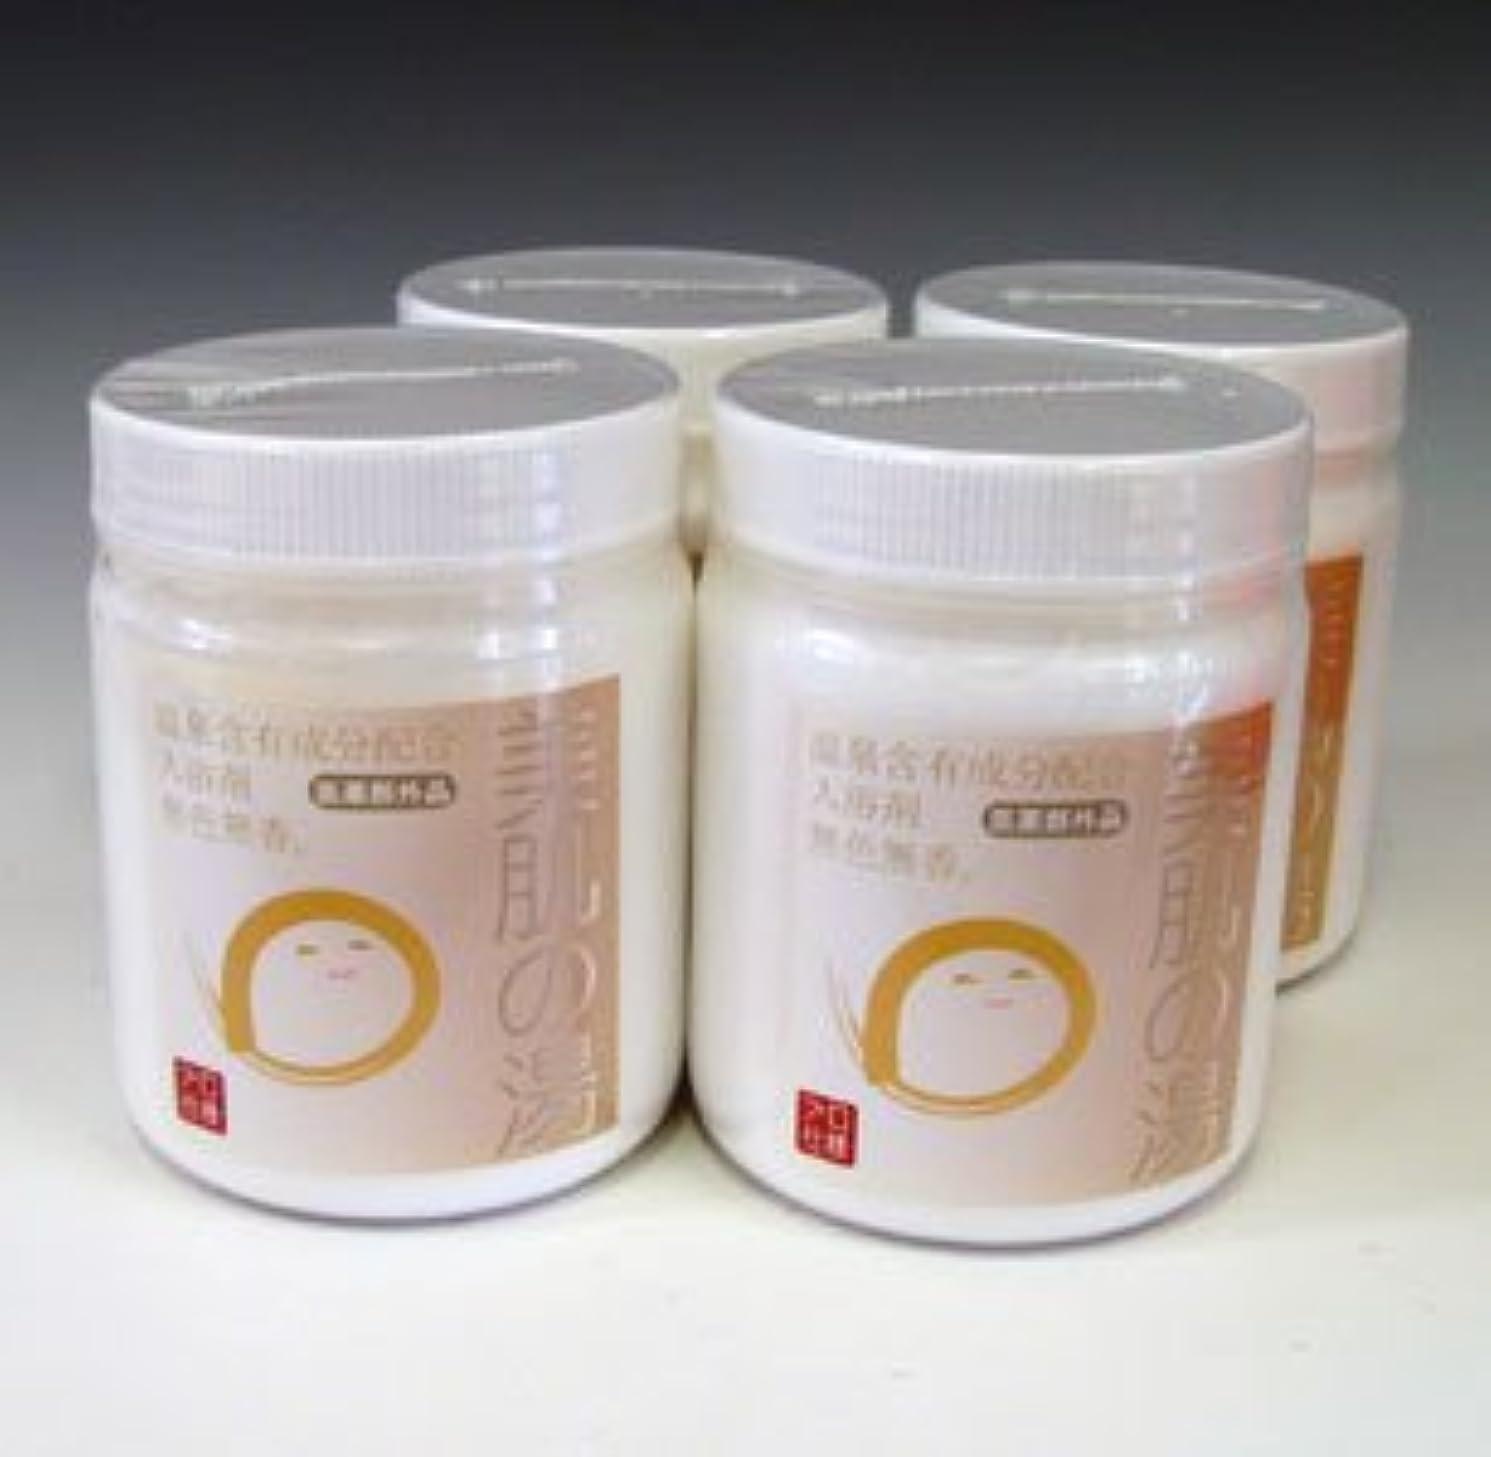 海嶺乳タック温泉入浴剤 アルカリ単純泉PH9.5 美肌の湯600g 4本セット